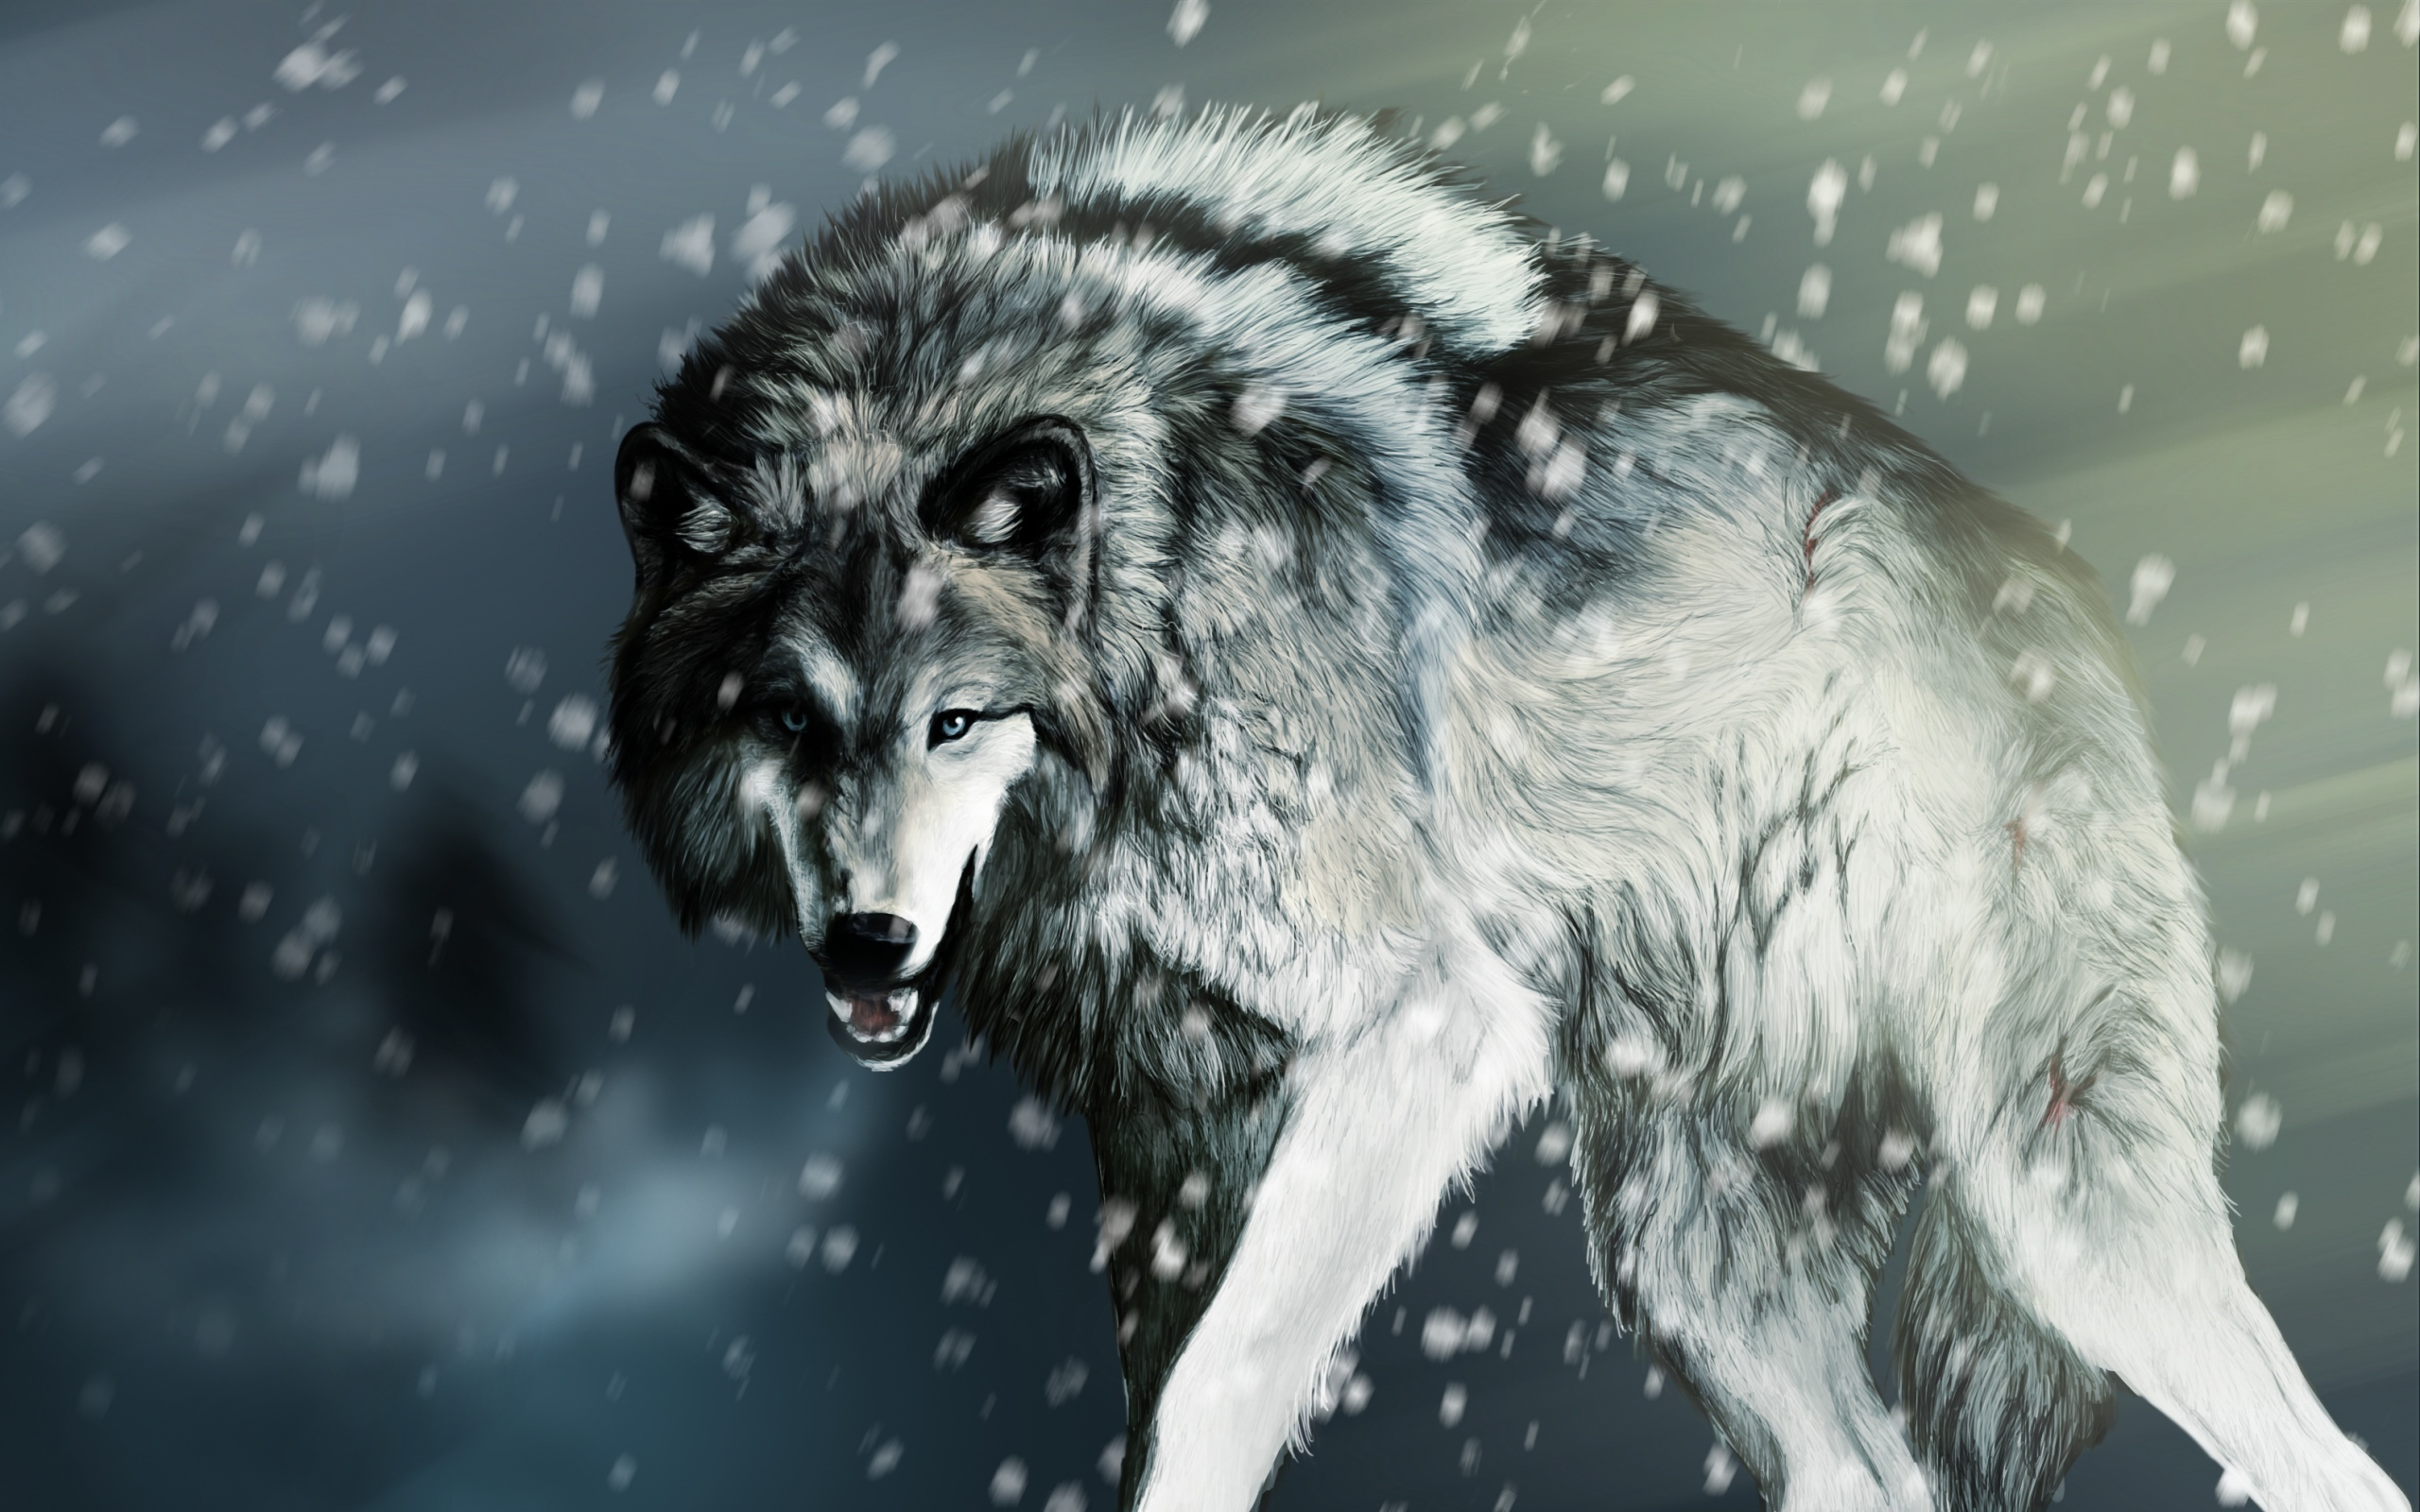 壁纸冬天负伤的狼2560x1600 Hd 高清壁纸 图片 照片